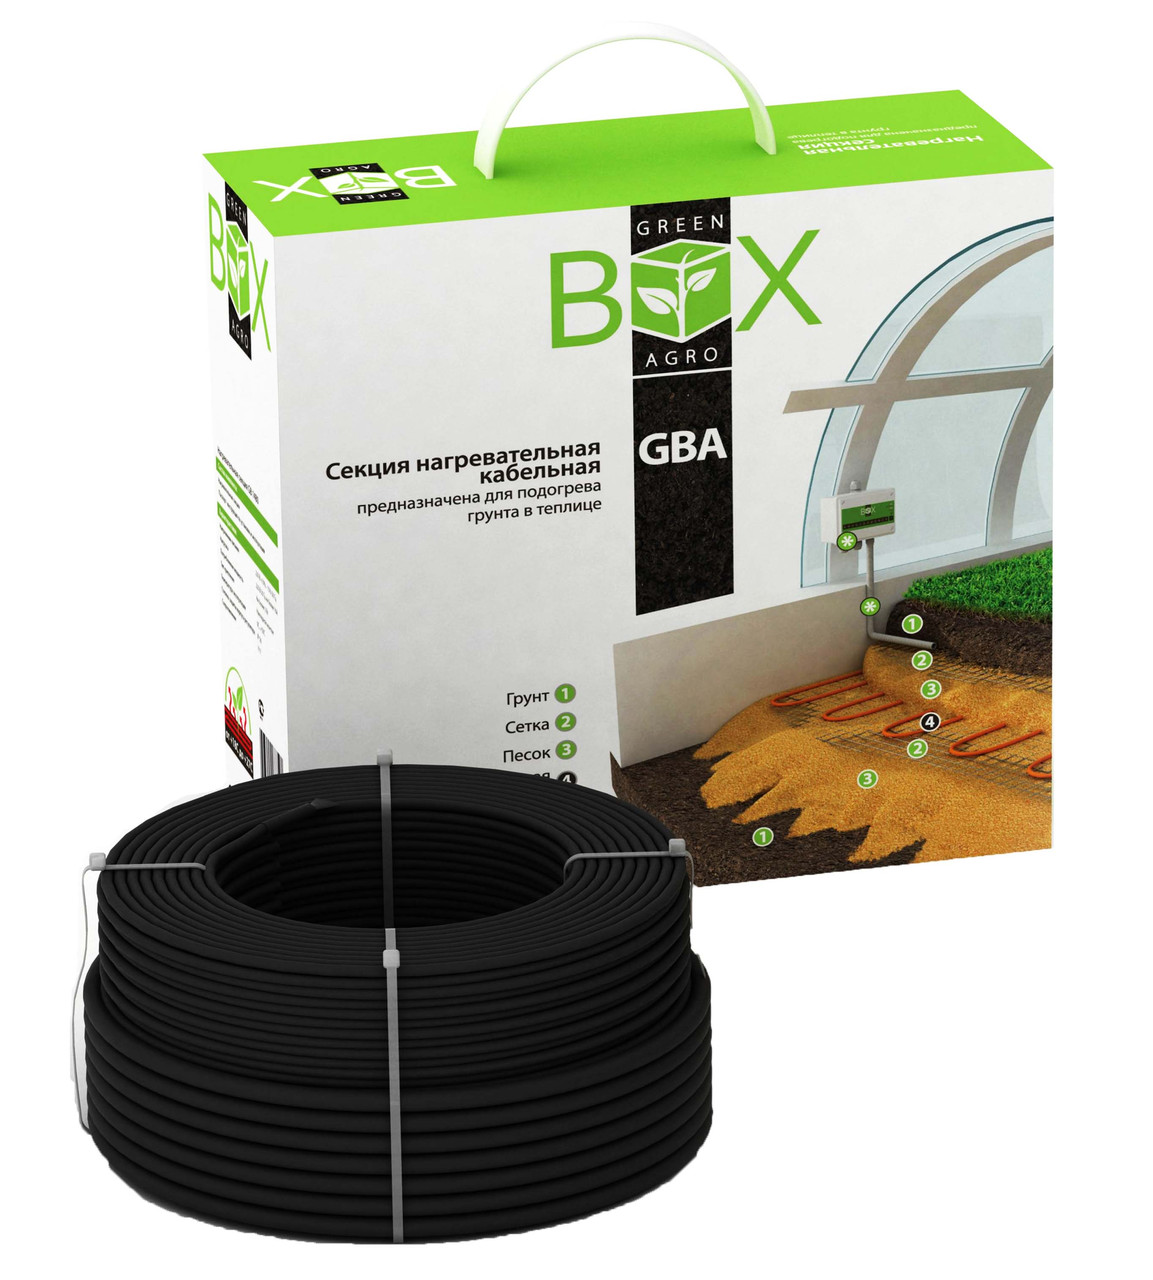 Система обогрева грунта Green Box Комплект GREEN BOX AGRO 14GBA-500